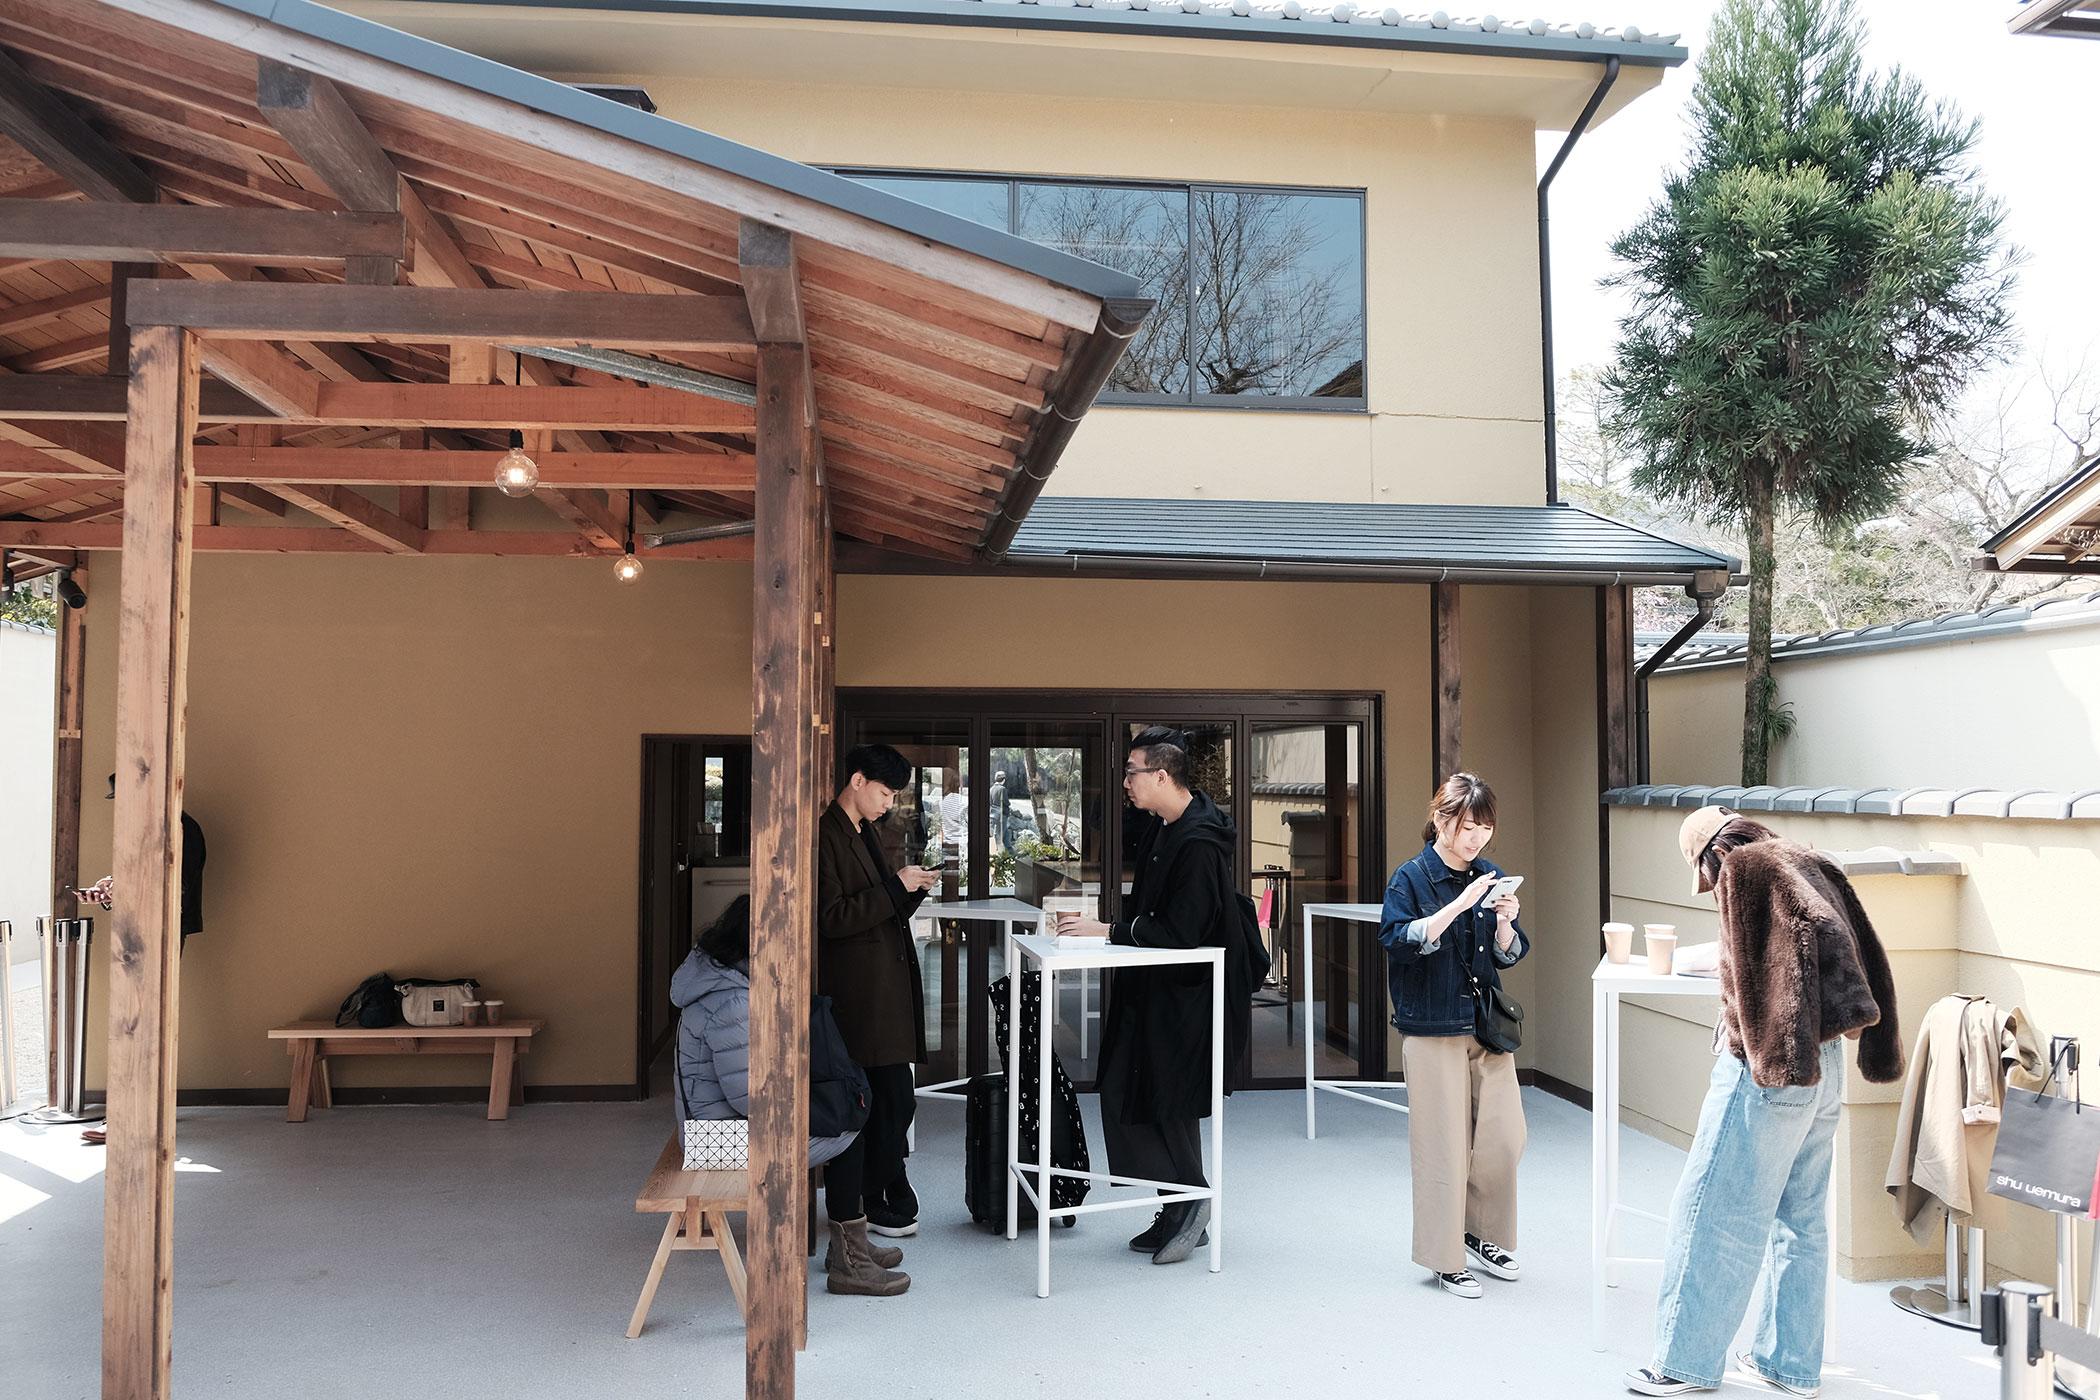 待望の初出店!ブルーボトルコーヒーの関西第一号は京都の南禅寺に ブルーボトルコーヒー 京都カフェ (BLUE BOTTLE COFFEE KYOTO) 中庭写真